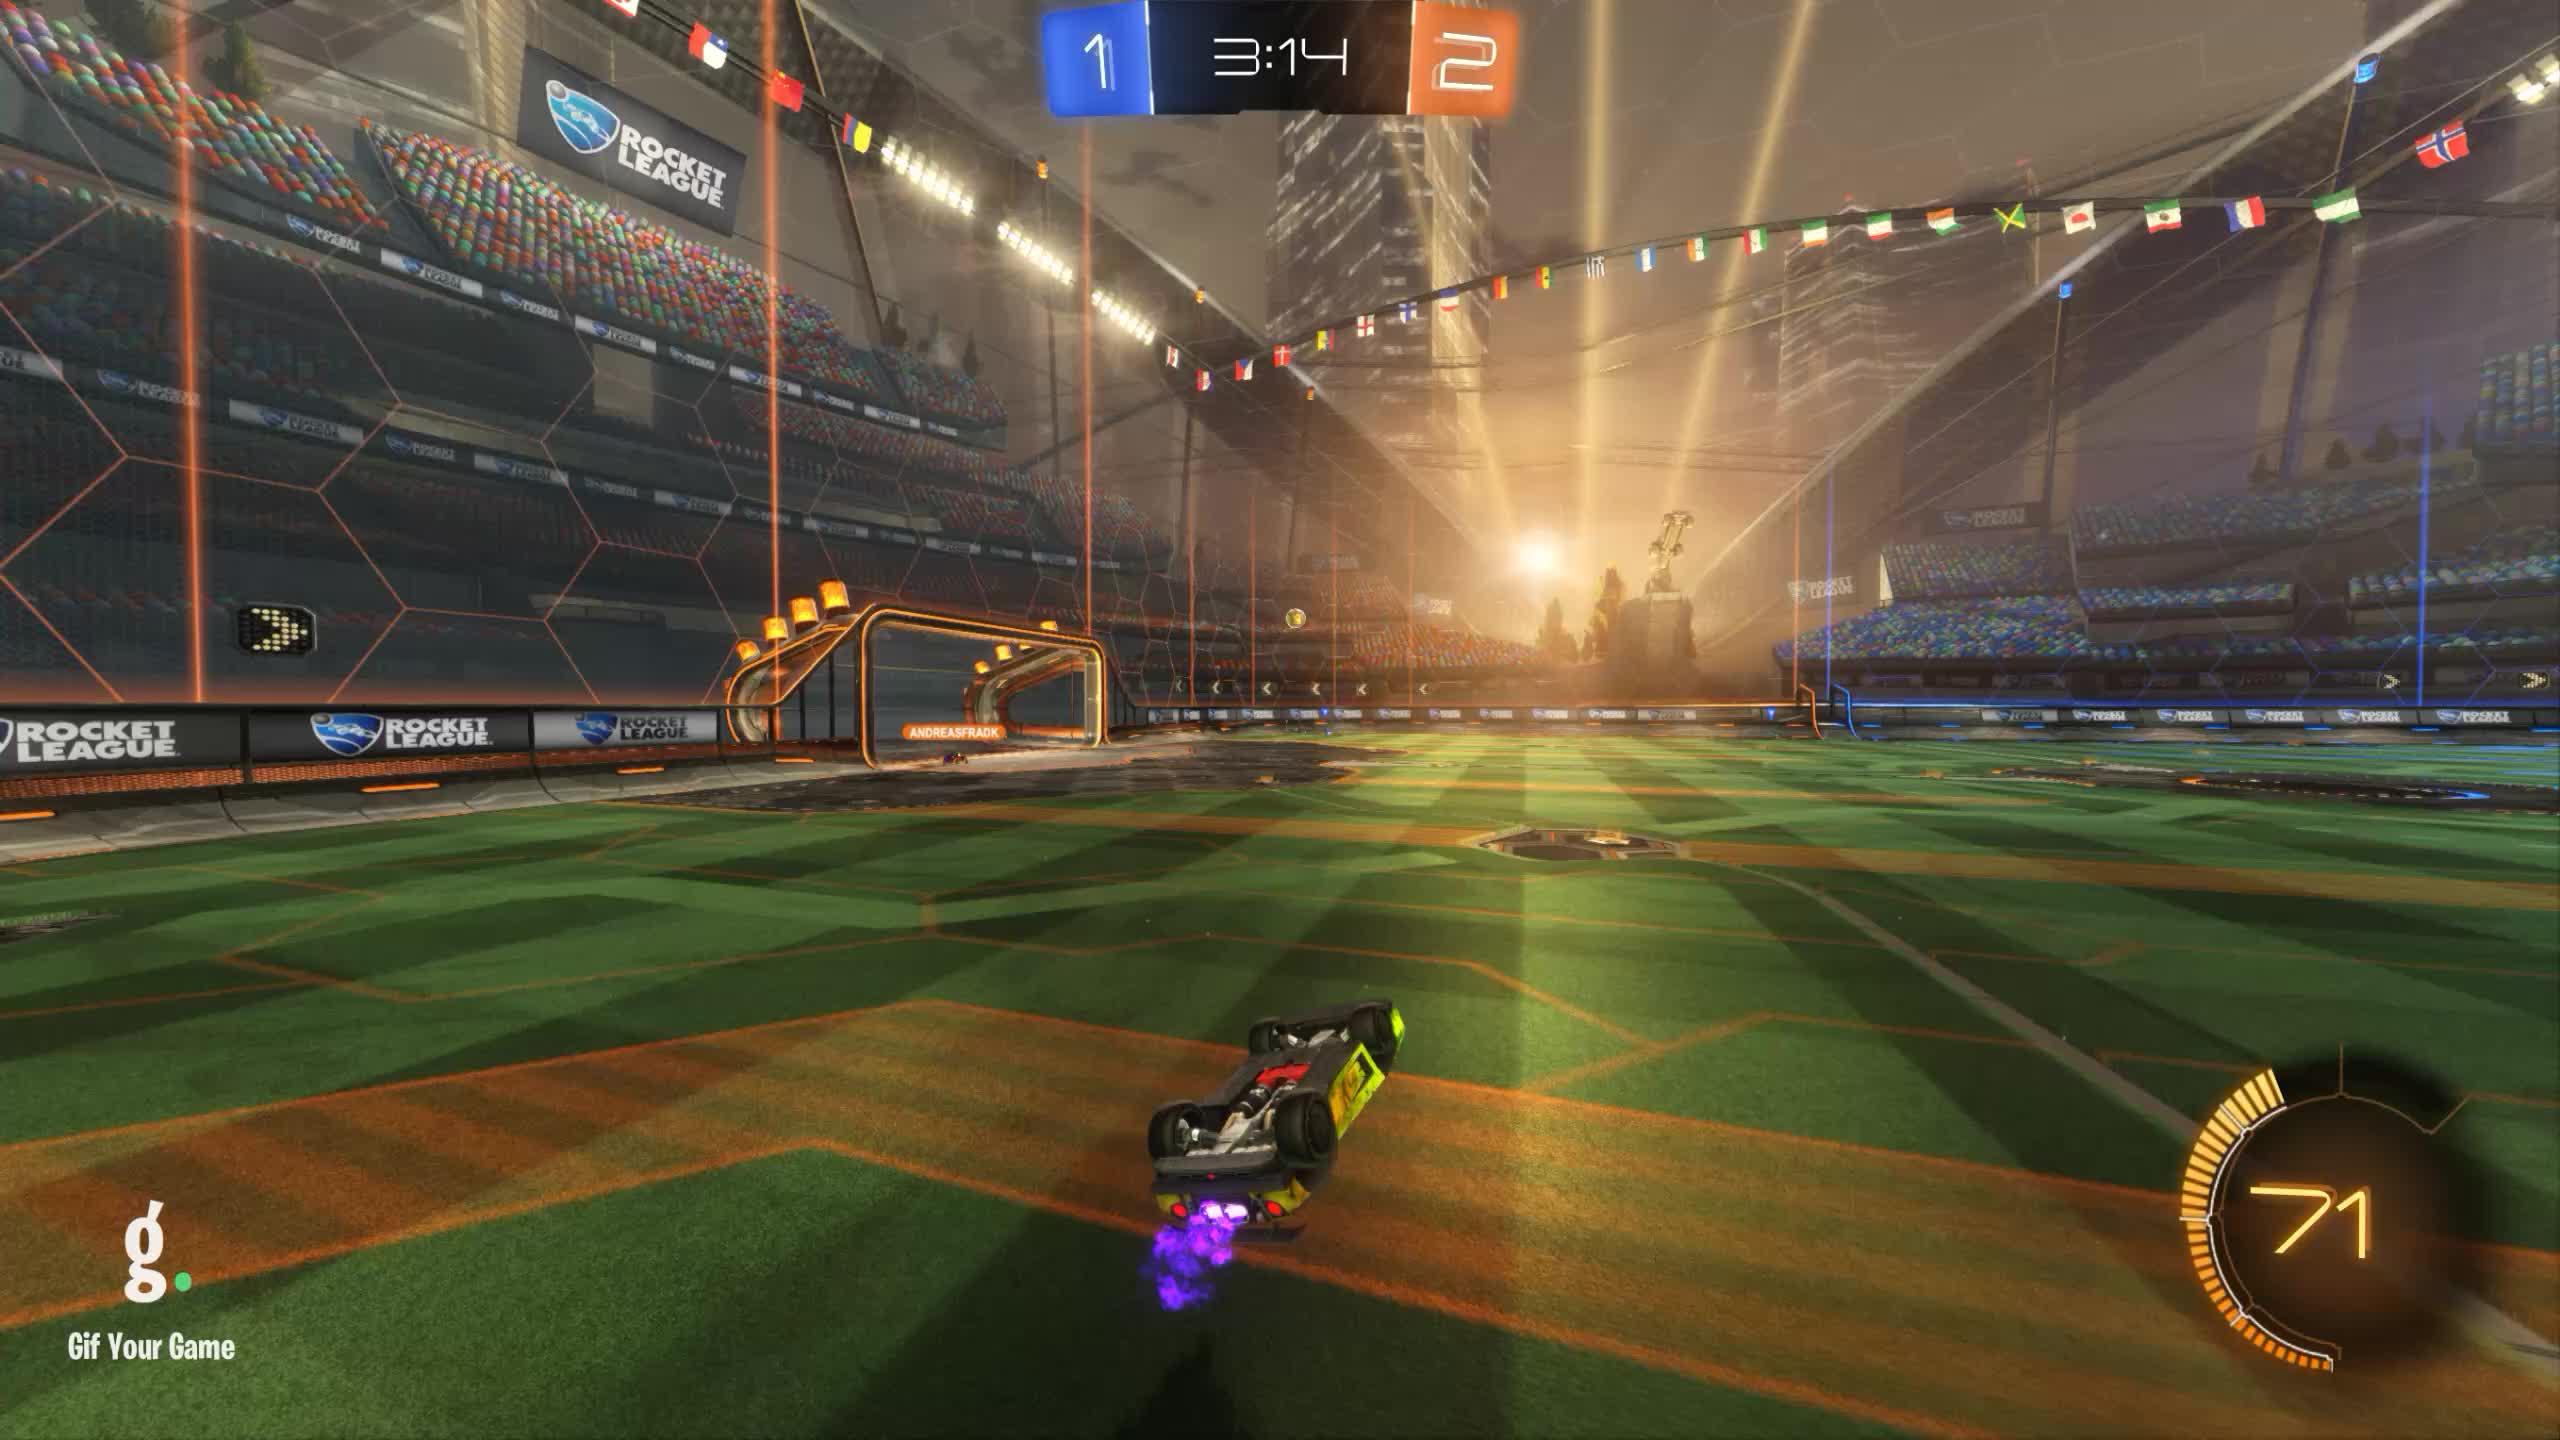 Gif Your Game, GifYourGame, Rocket League, RocketLeague, |KX| xanwhite, Goal 4: klompie [NL] GIFs